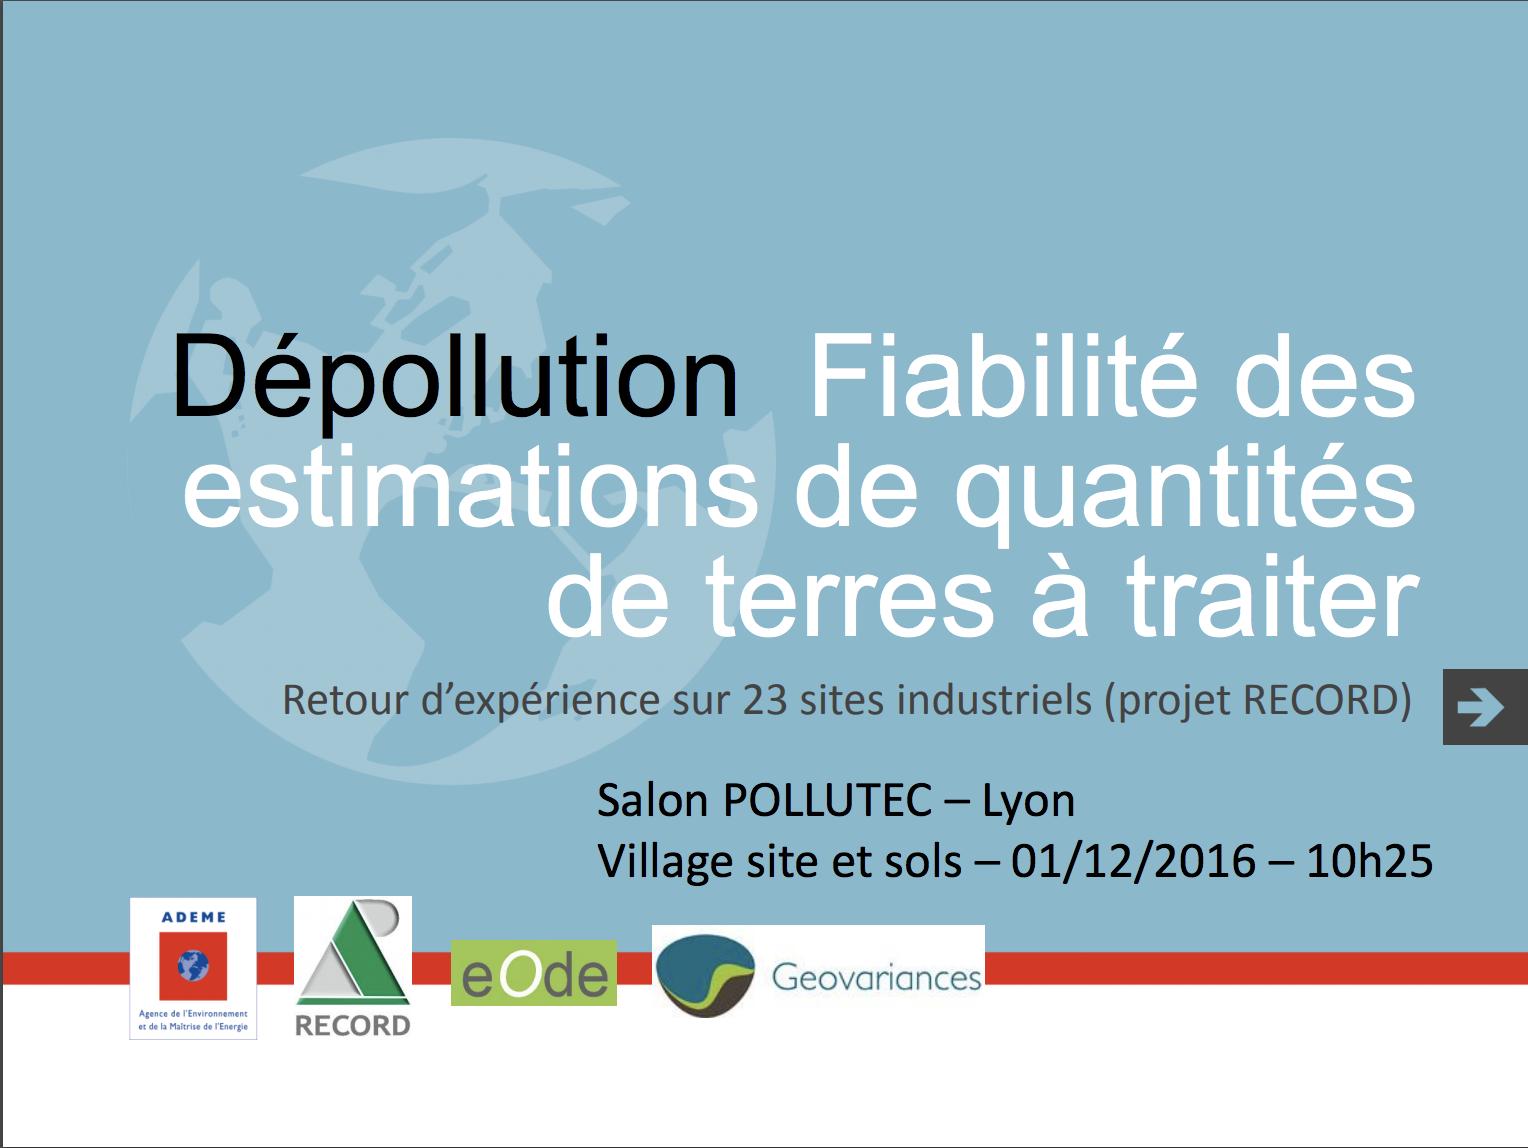 Fiabilité des estimations des quantités de terres à traiter : retour d'expérience sur 23 sites industriels - RECORD - 2016